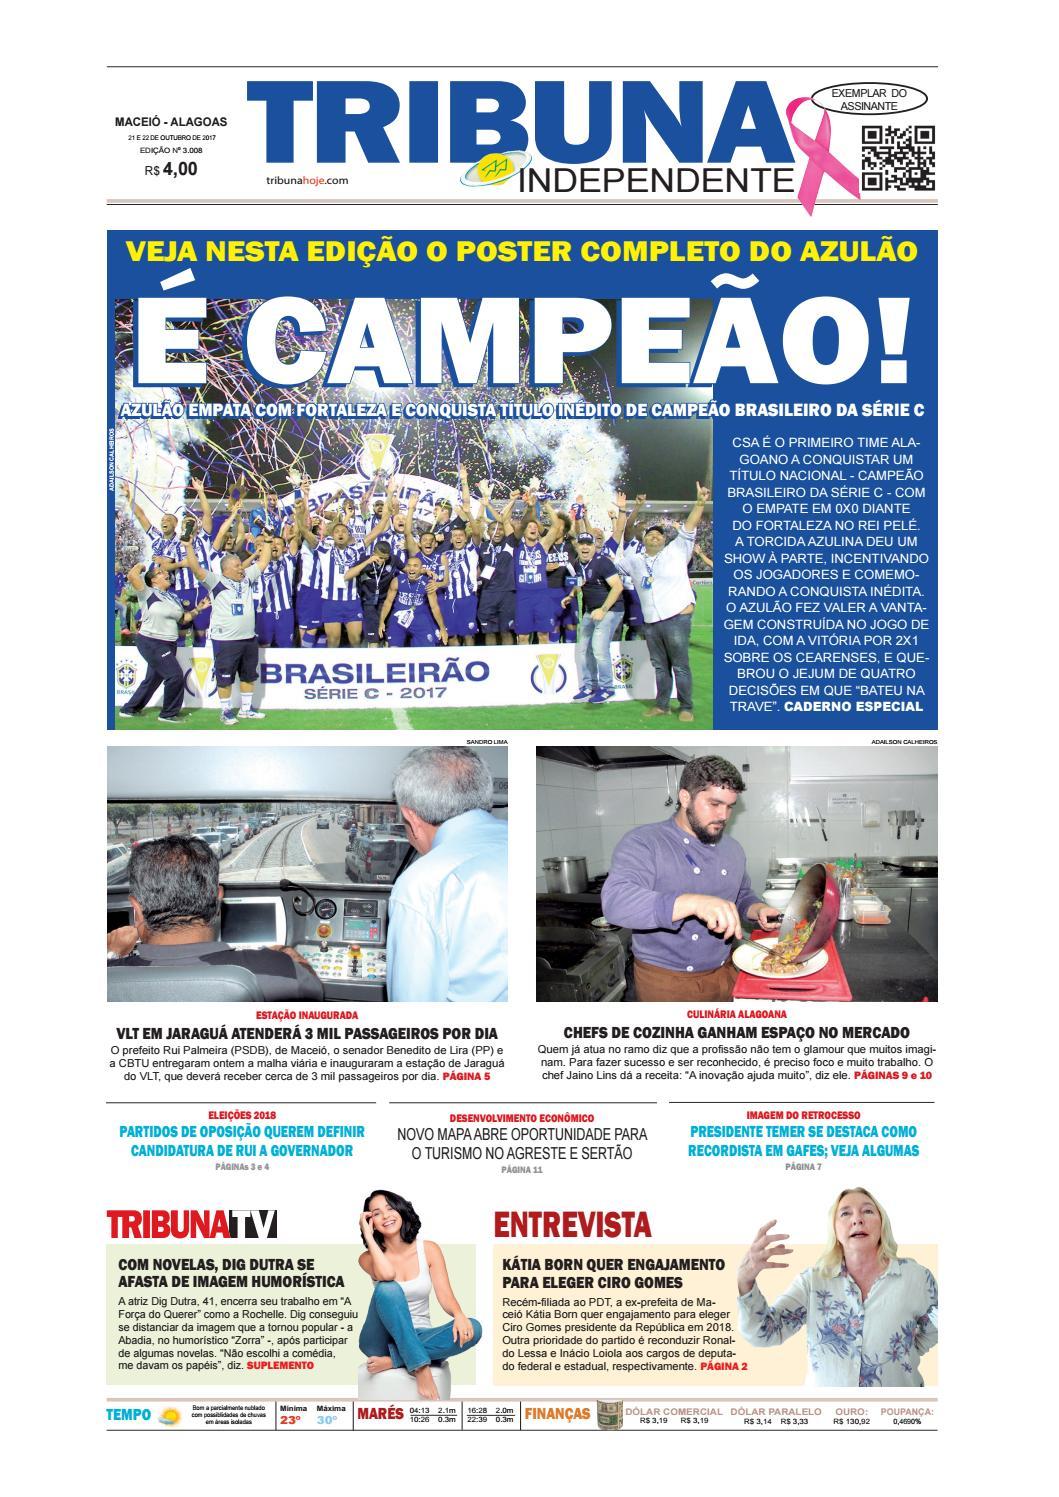 99c1da28ff143 Edição número 3008 - 21 e 22 de outubro de 2017 by Tribuna Hoje - issuu